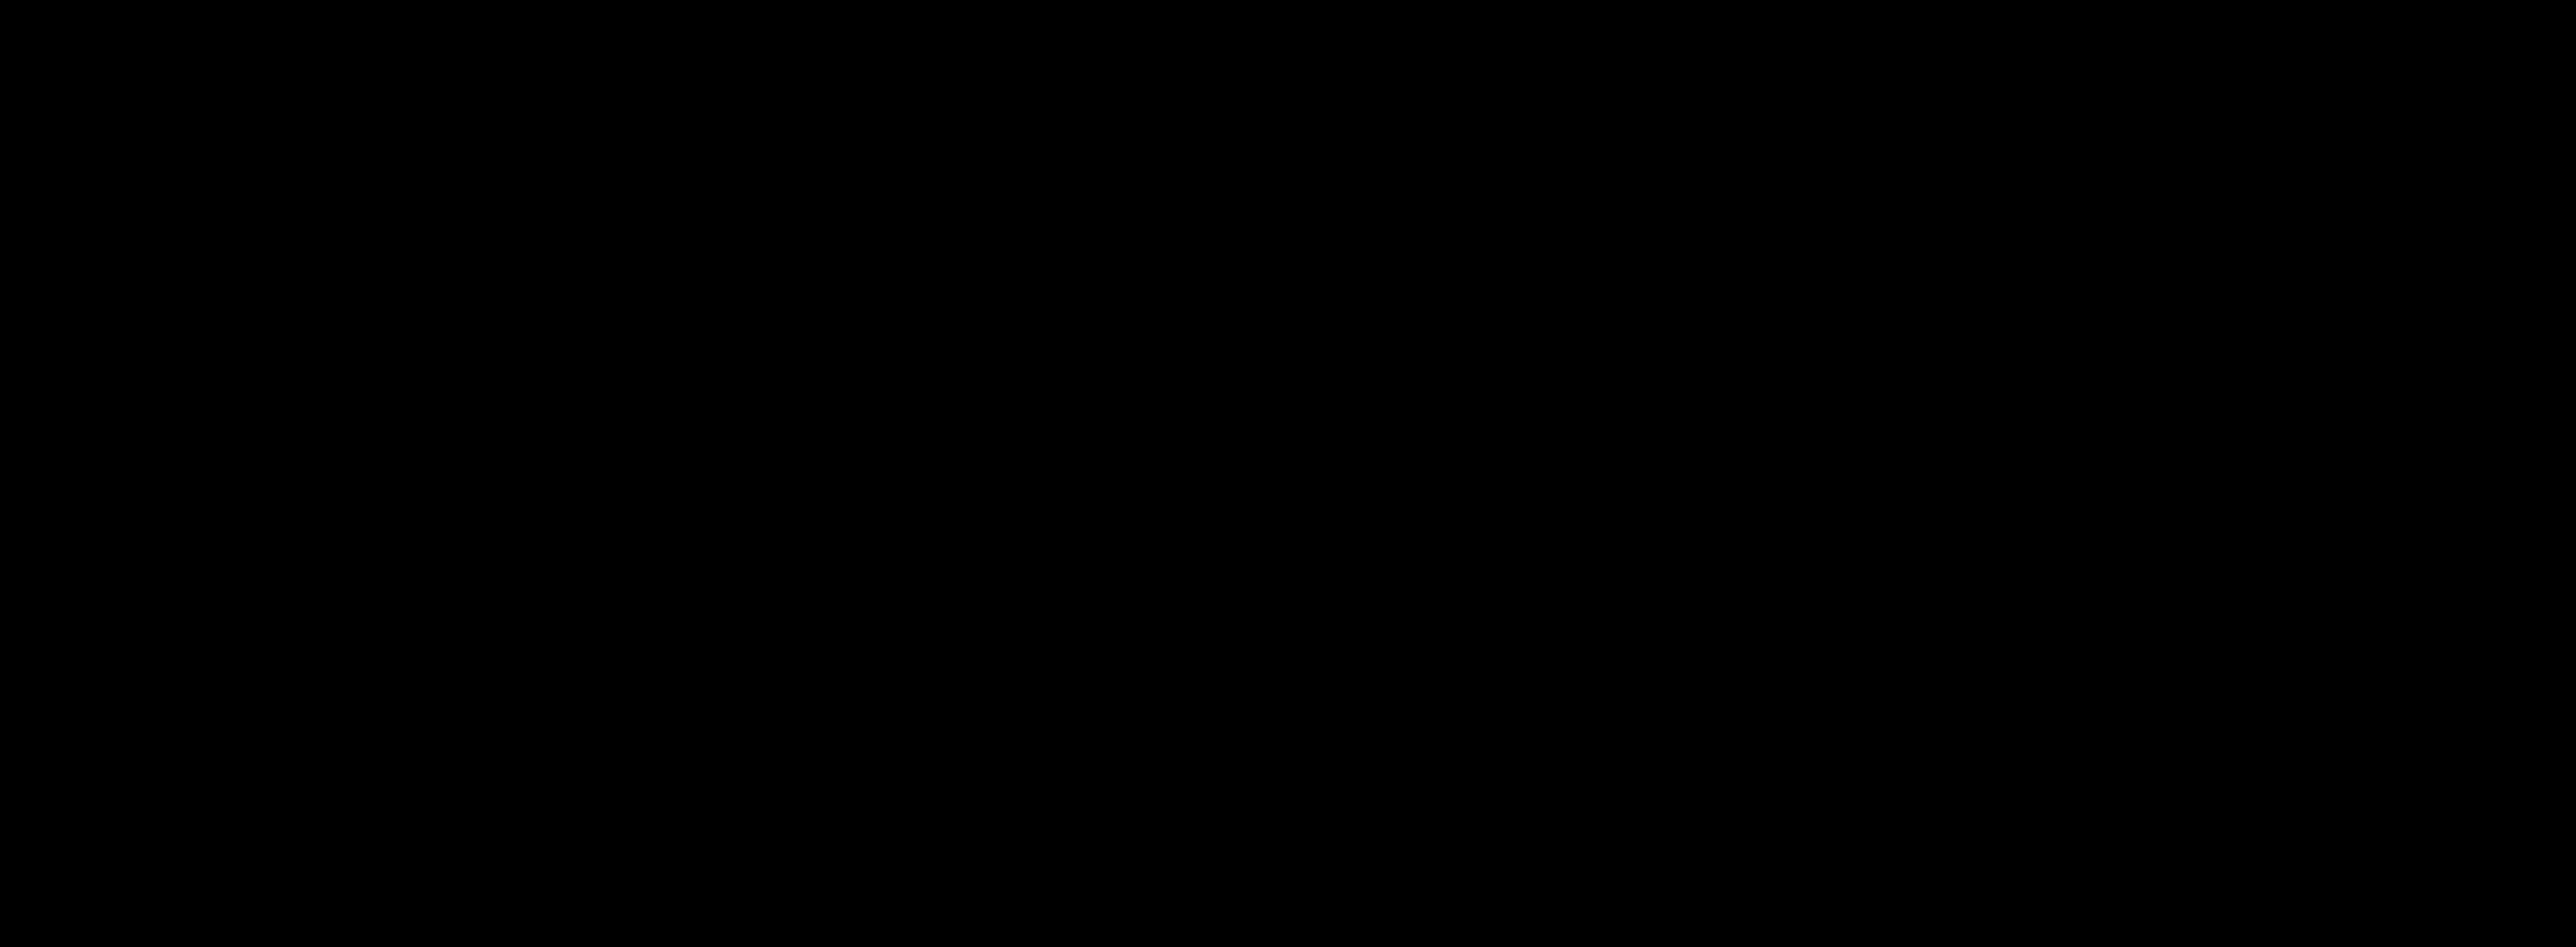 株式会社メイゼル